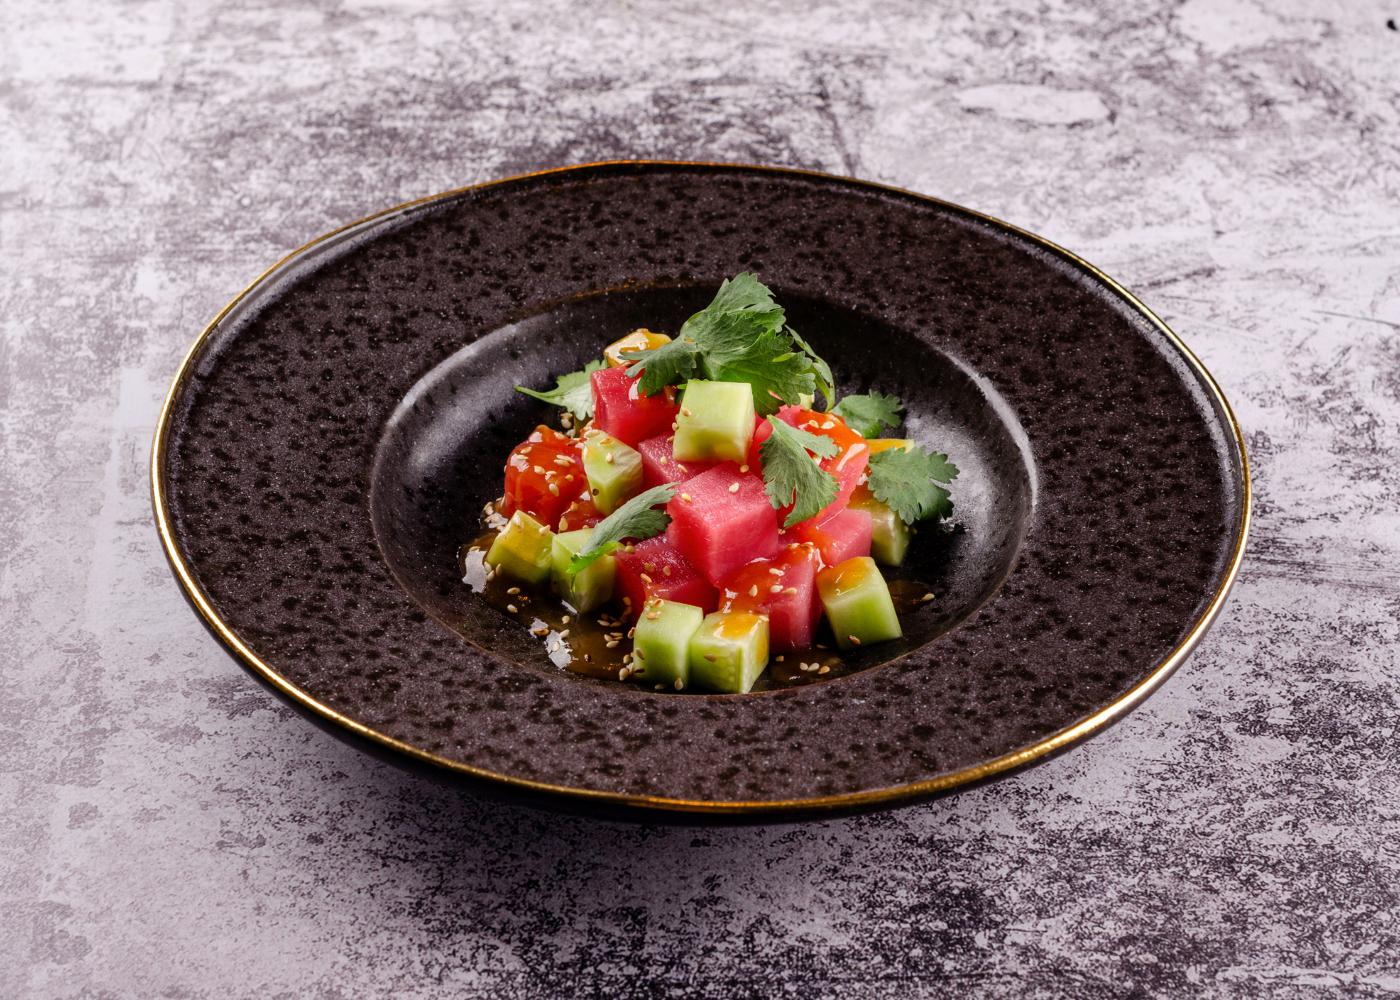 receitas saudaveis com atum para jantar